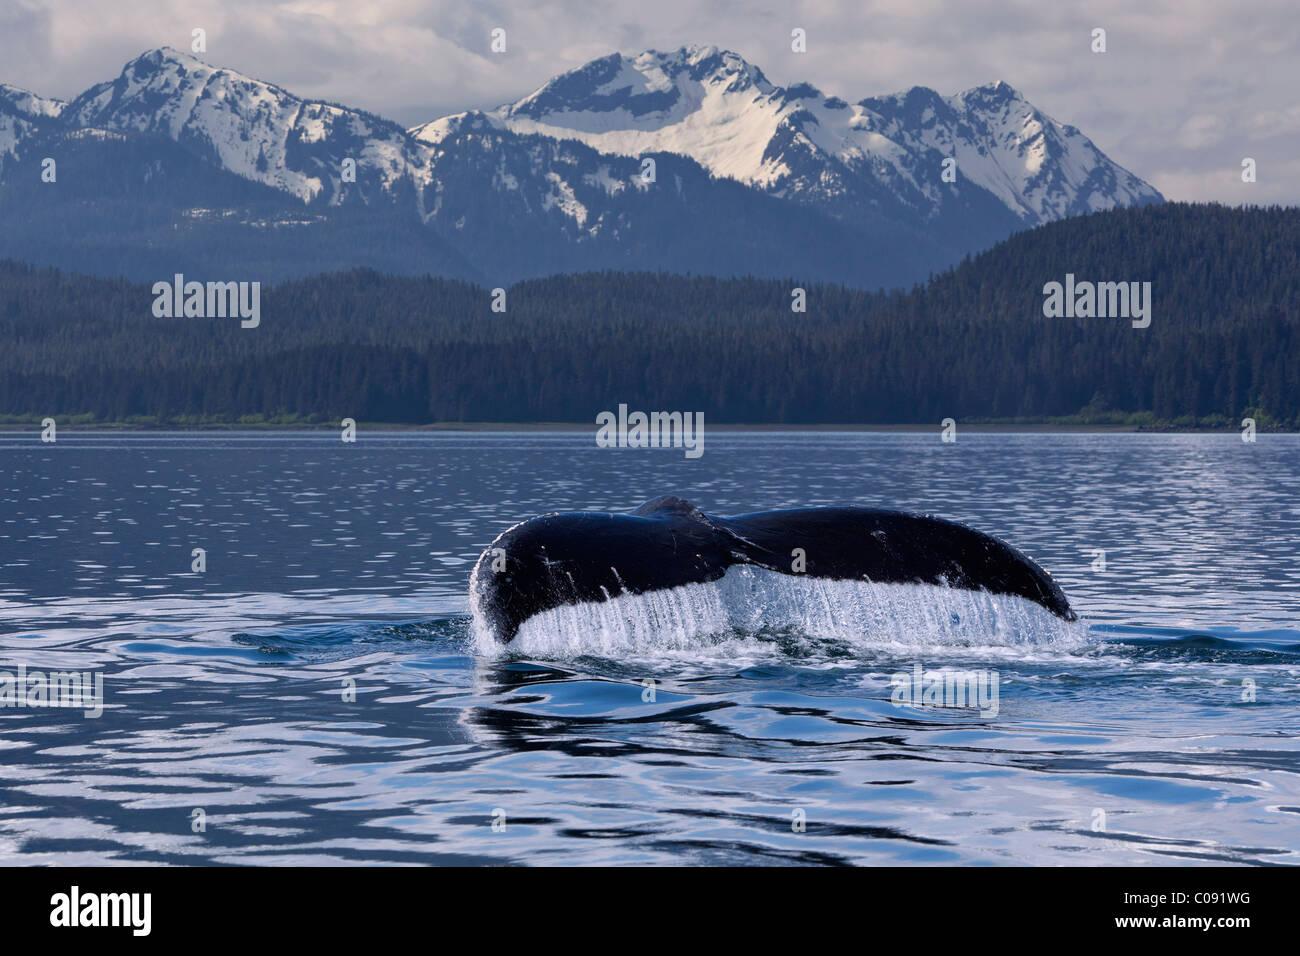 Wasser tropft von der Egel ein Buckelwal Schwanz wie es in die Tiefen des Seymour Canal, Inside Passage, Alaska Stockbild